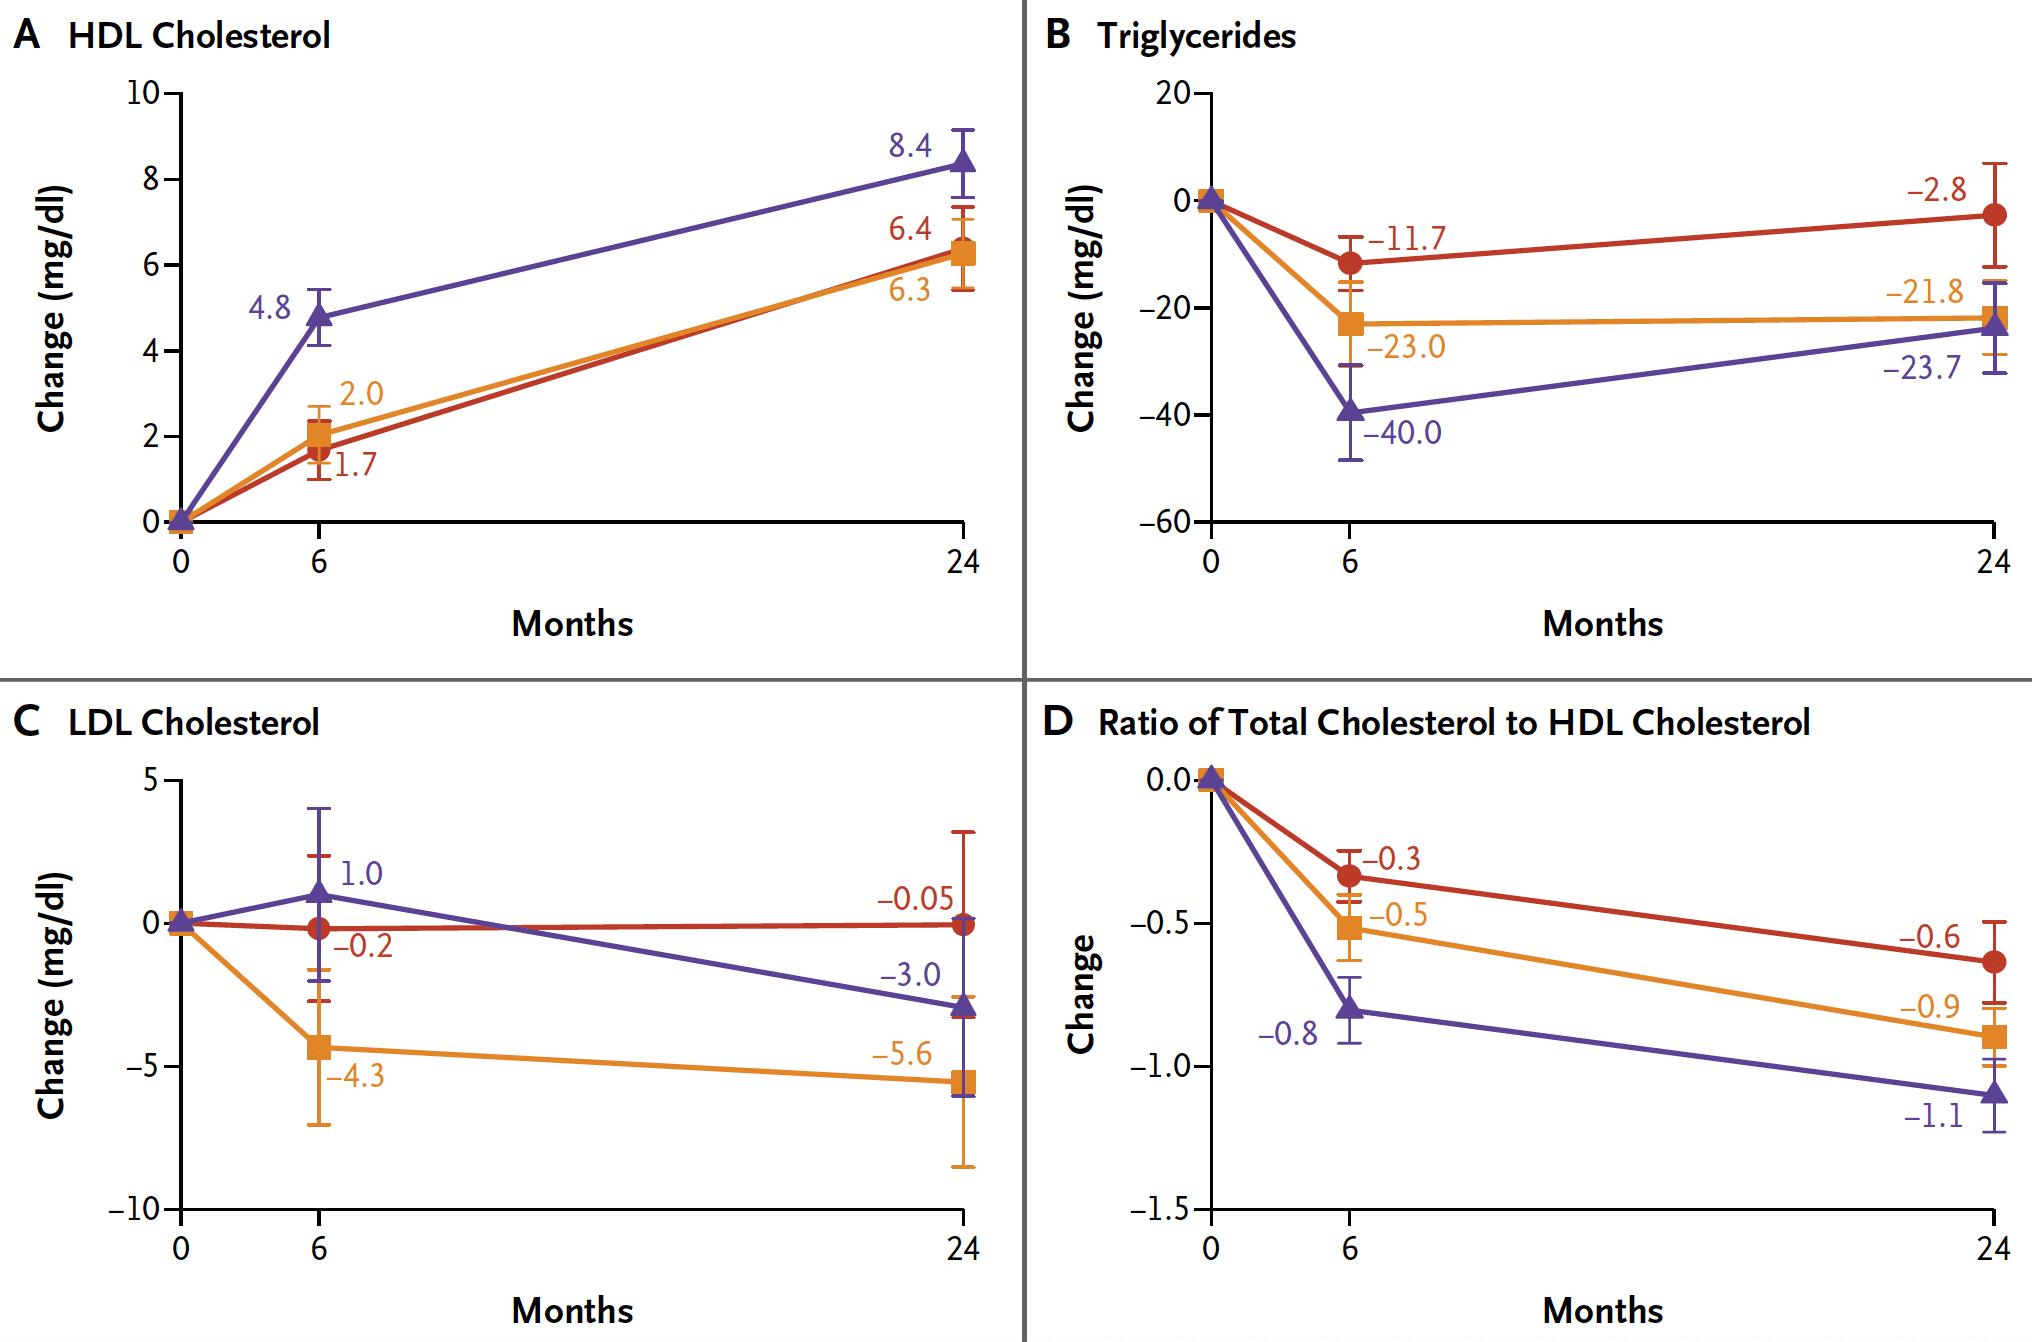 Förändring i riskfaktorer med lågkolhydratkost (LCHF), fettsnål kost och medelhavskost. Lila linje är lågkolhydratkost, gul linje är medelhavskost och röd linje är fettsnål kost.